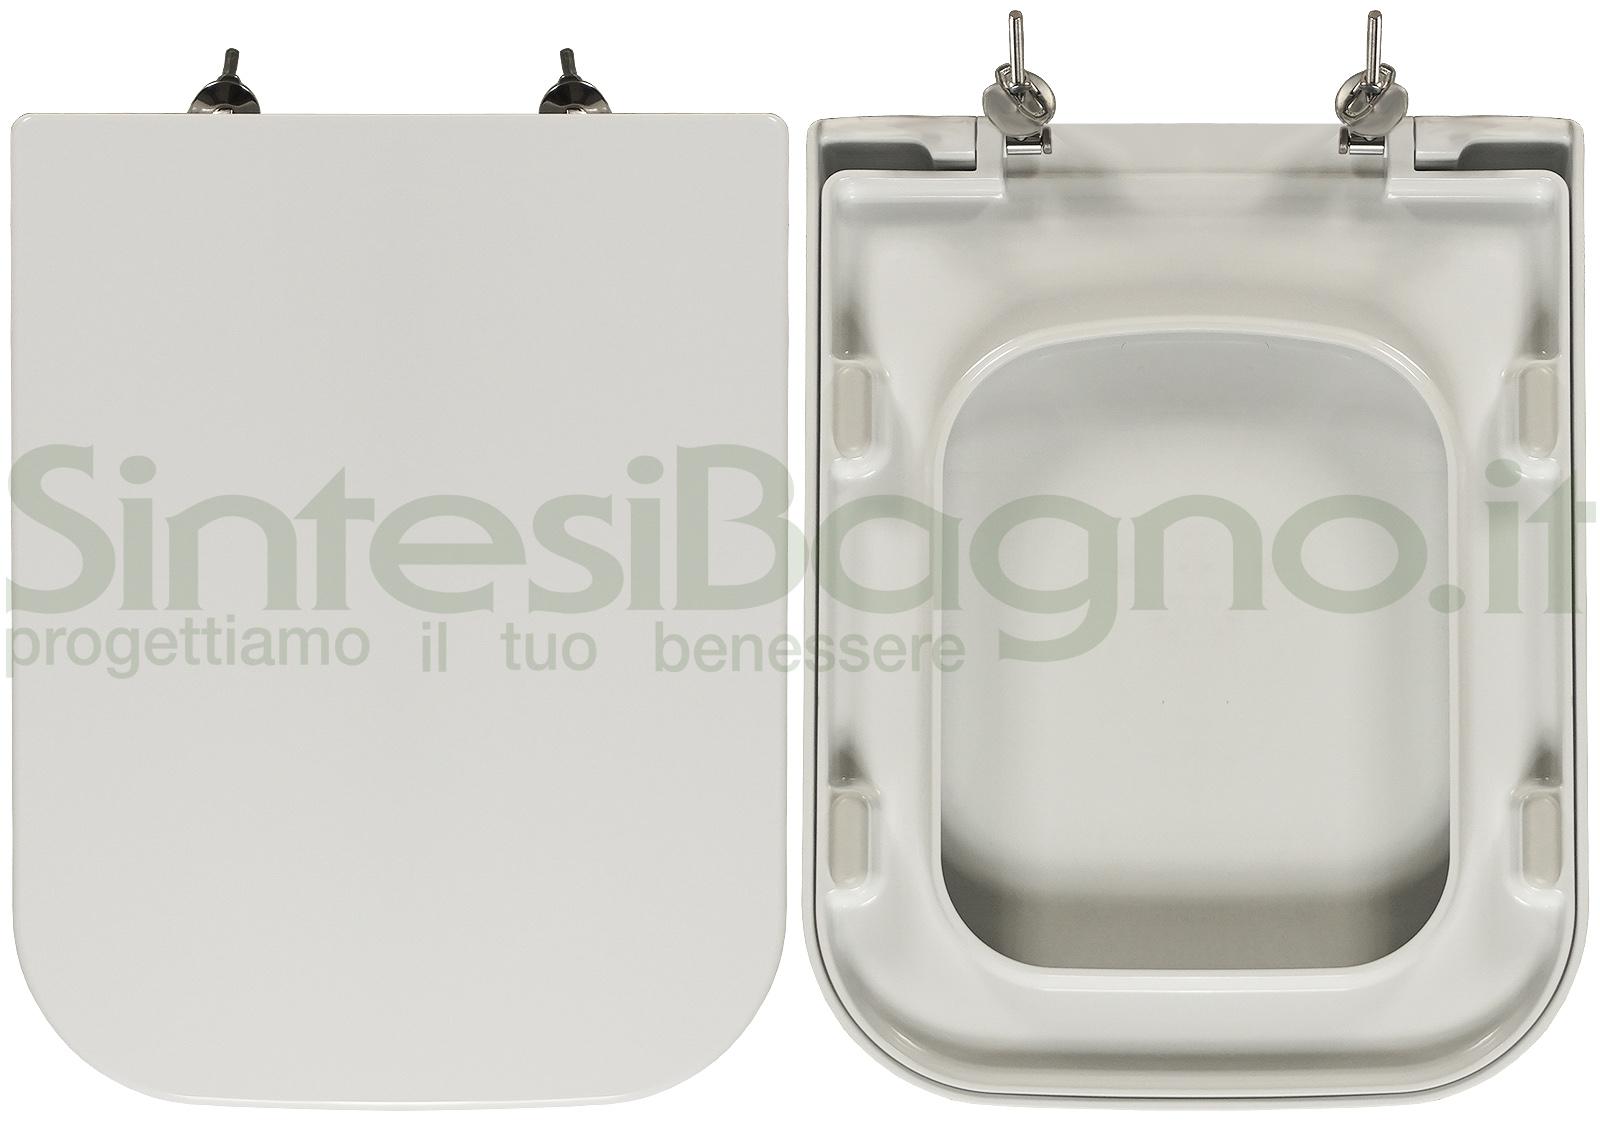 Sanitari Nero Ceramica Aliseo.Copriwater Per Wc Aliseo Nero Ceramica Ricambio Originale Duroplast Sintesibagno Shop Online